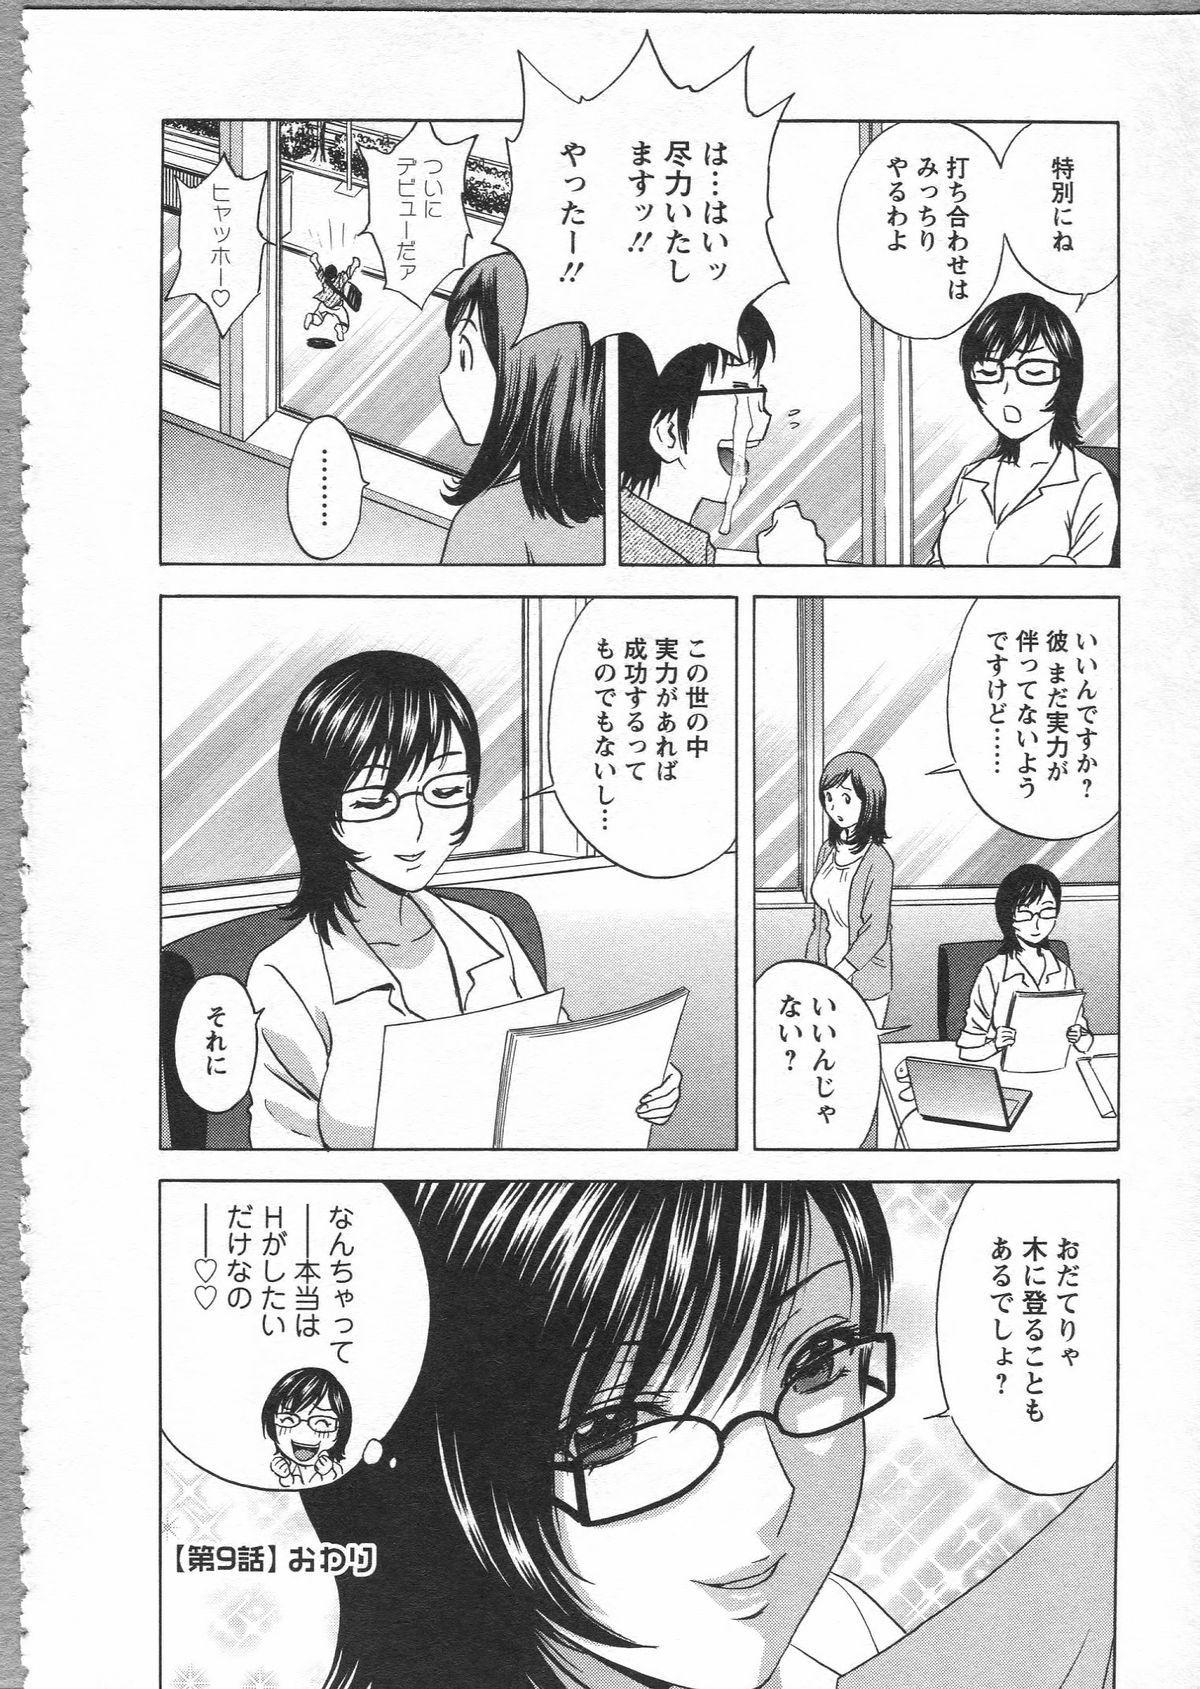 Manga no youna Hitozuma to no Hibi - Days with Married Women such as Comics. 169